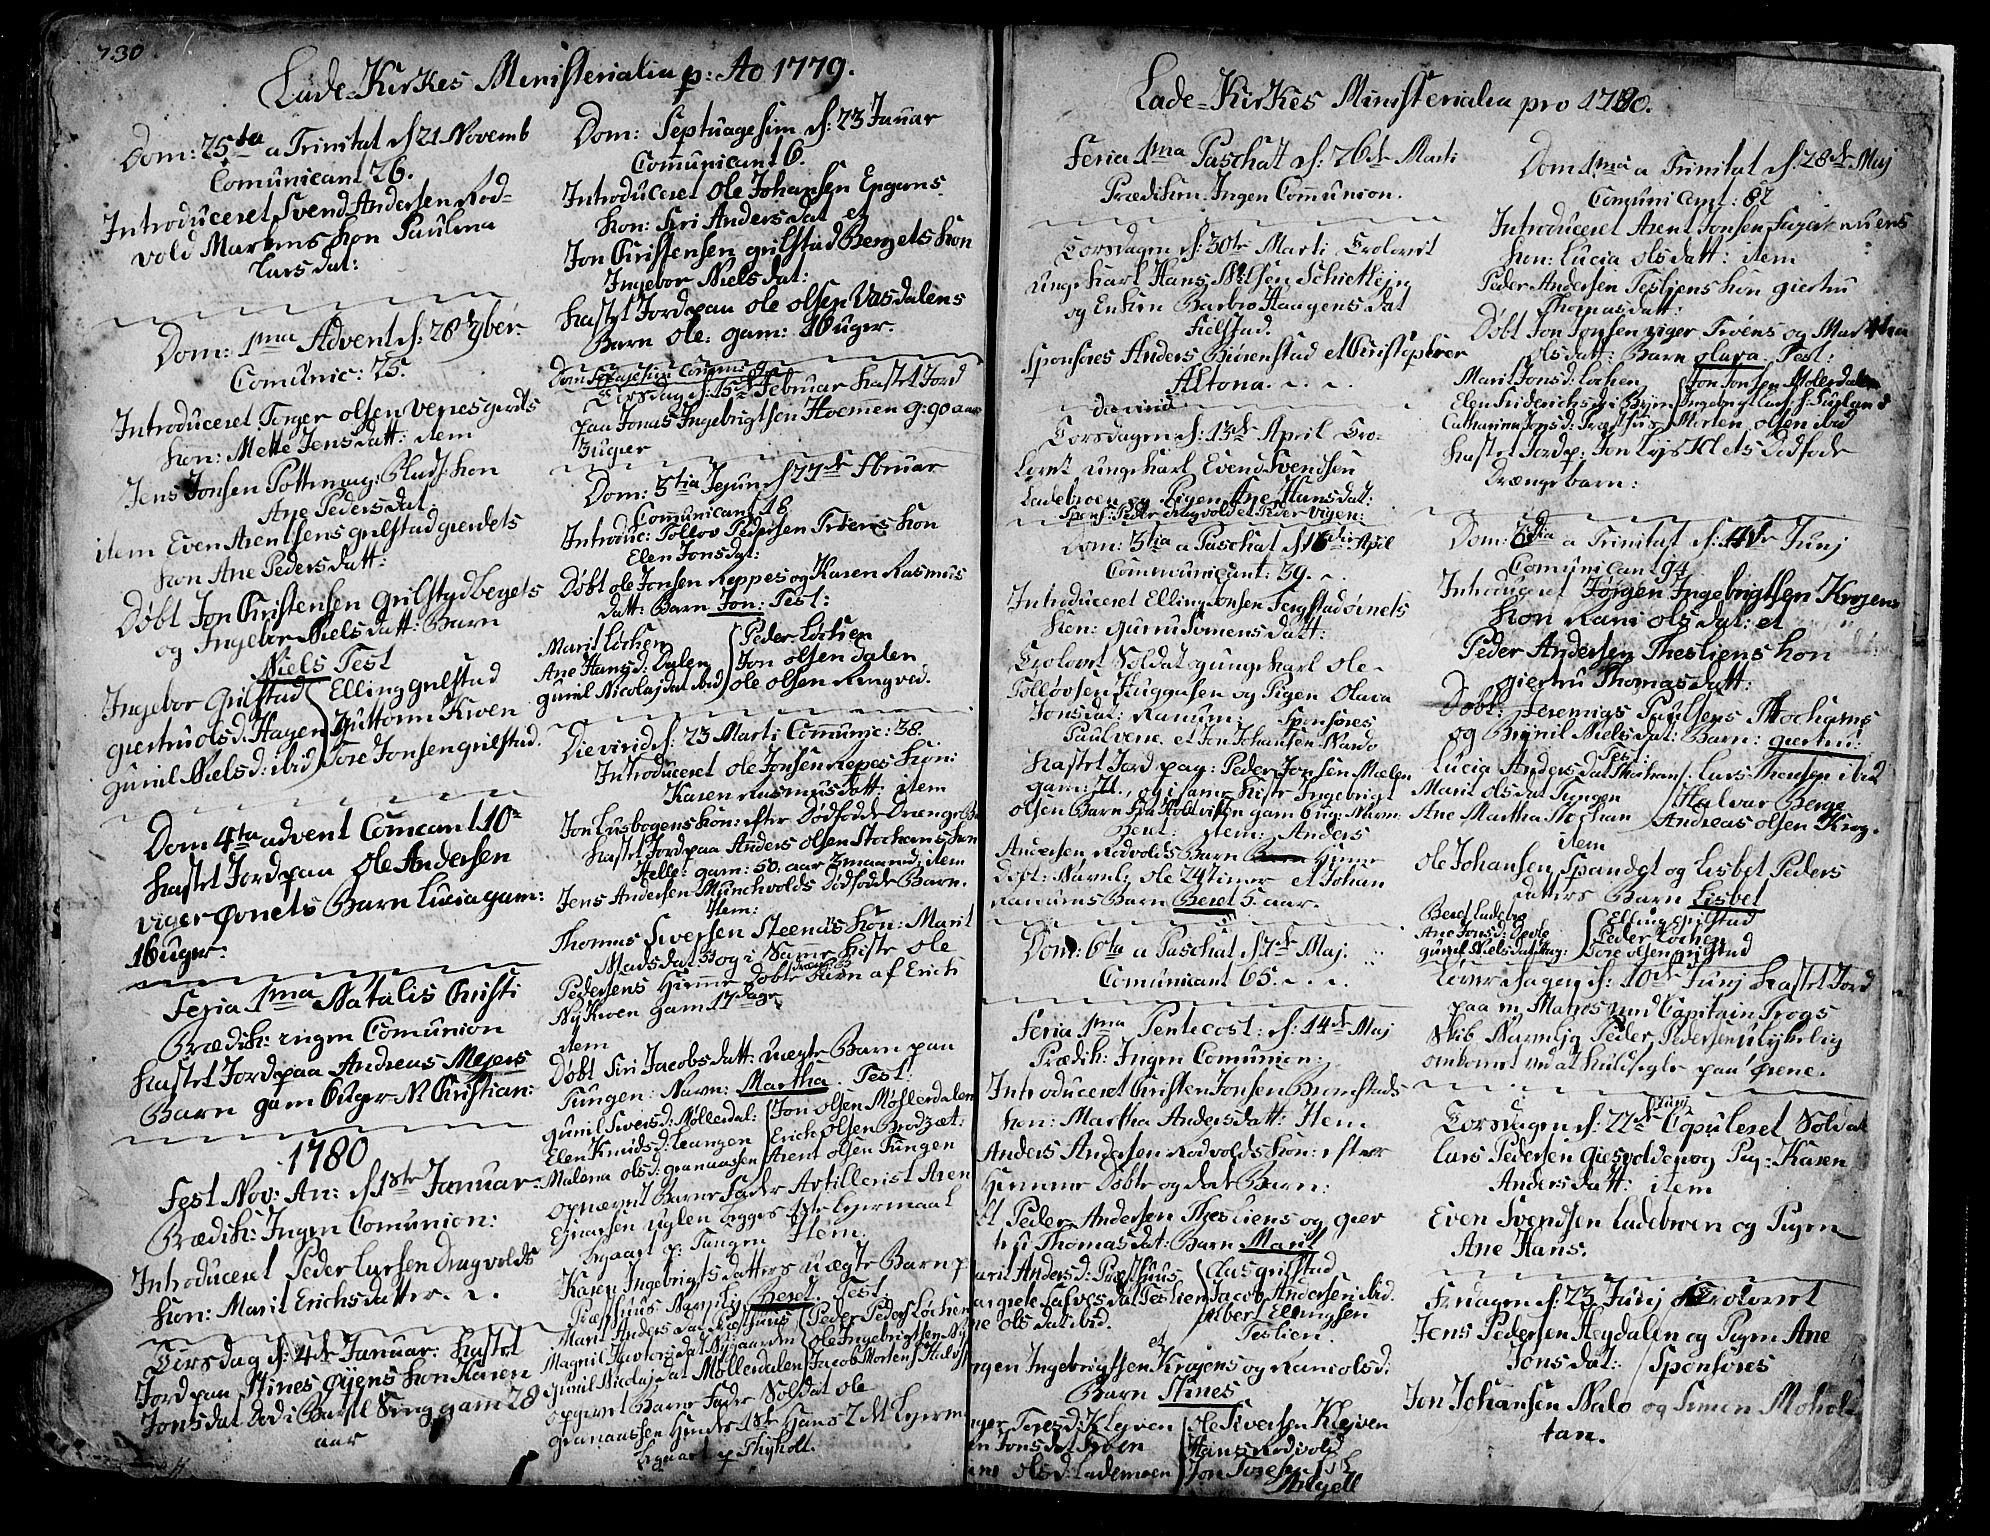 SAT, Ministerialprotokoller, klokkerbøker og fødselsregistre - Sør-Trøndelag, 606/L0275: Ministerialbok nr. 606A01 /1, 1727-1780, s. 730-731